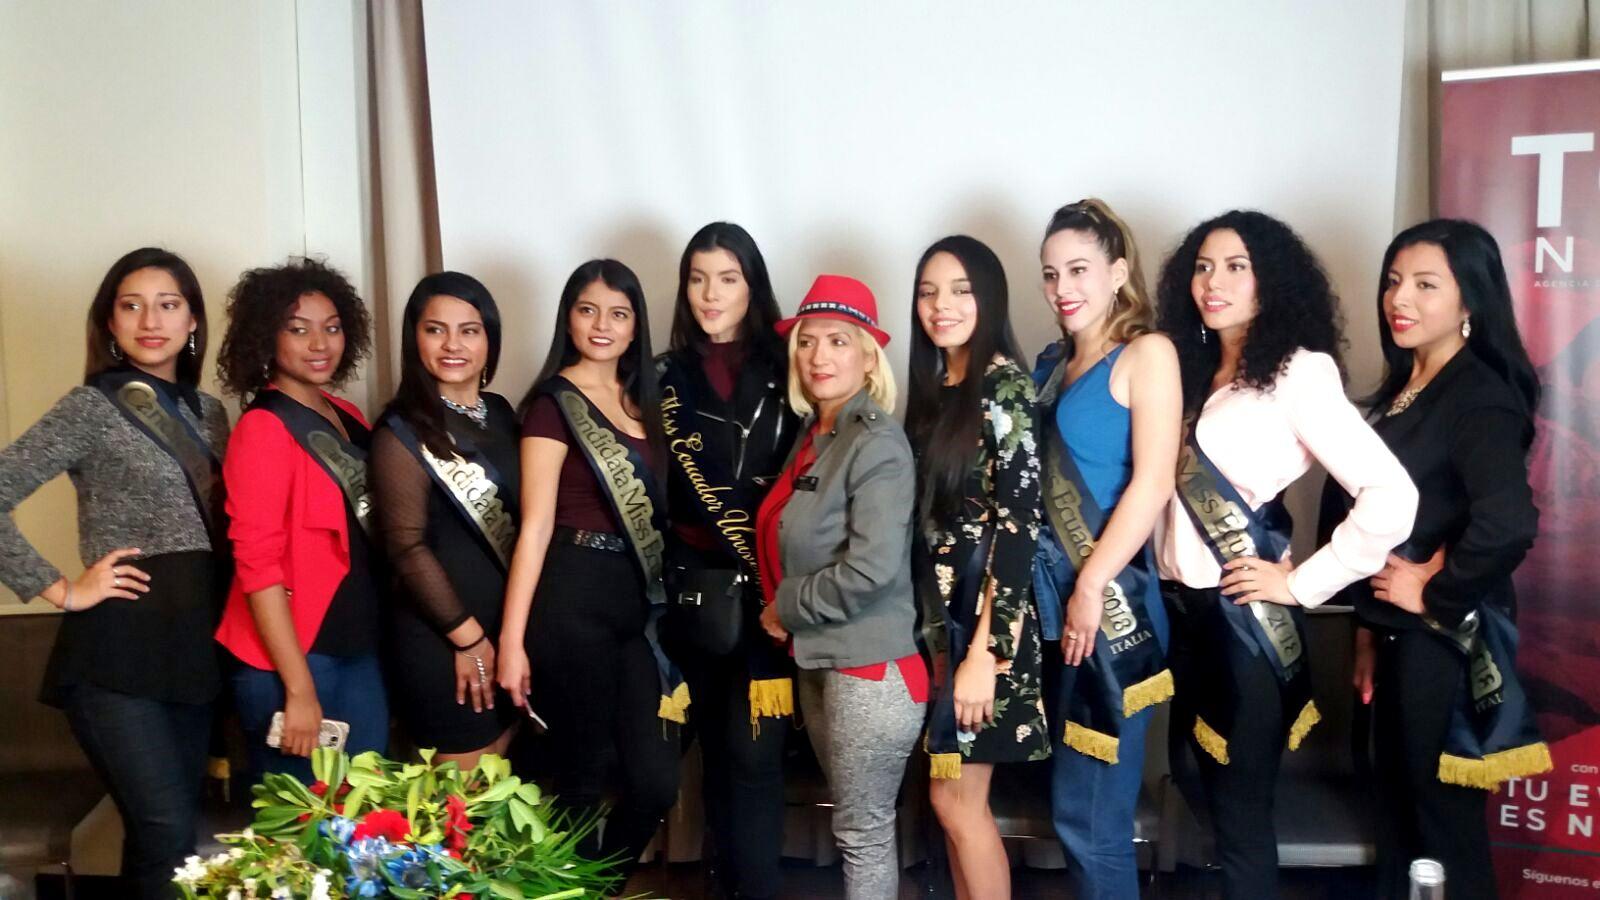 Milán, presentación de las candidatas del Miss Ecuador en Italia 2018